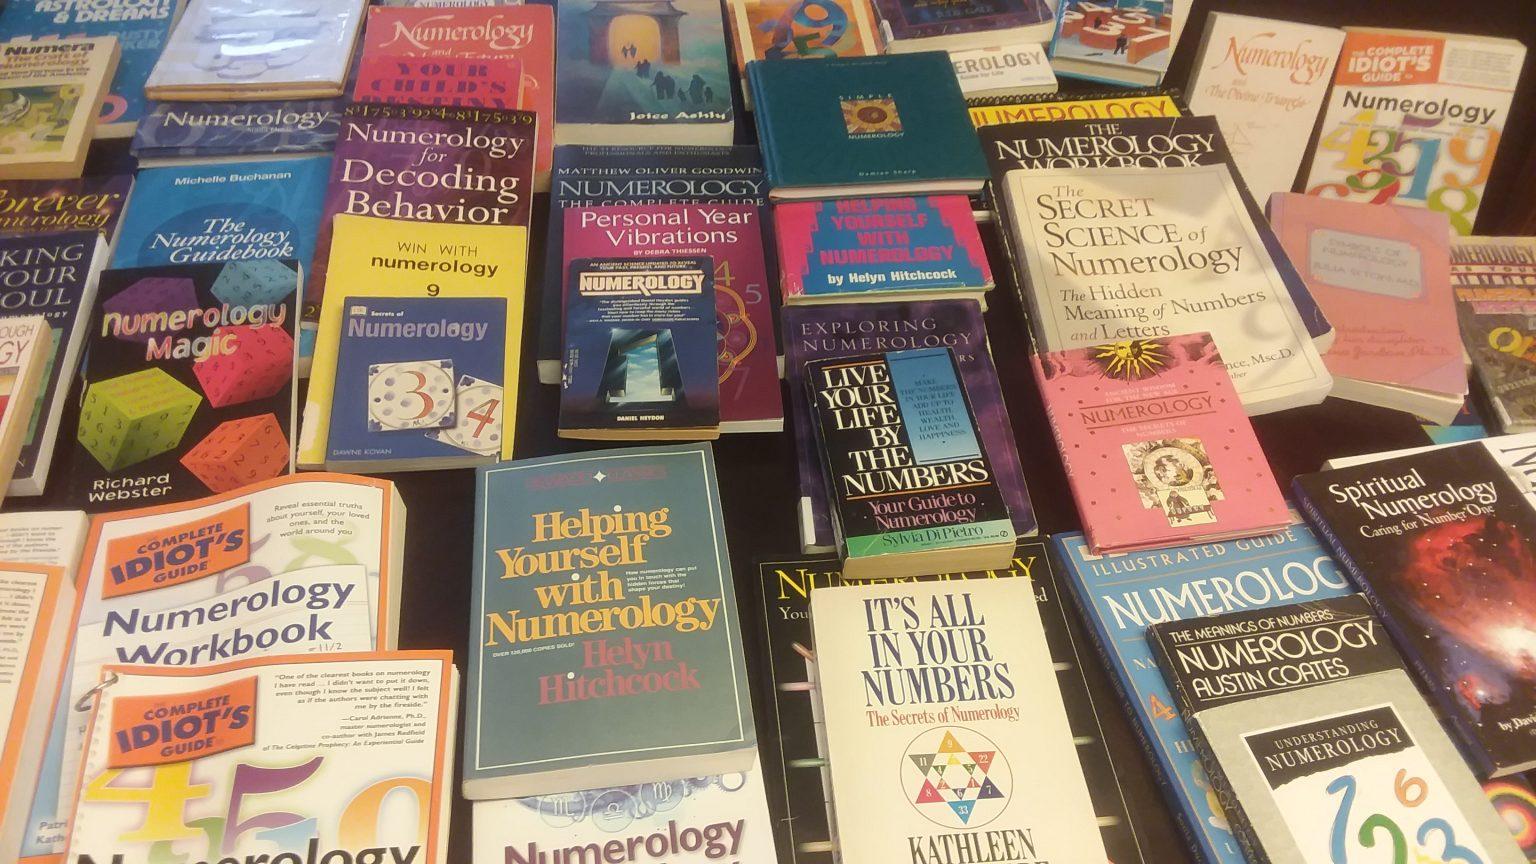 Used Numerology books - Numerology Rising